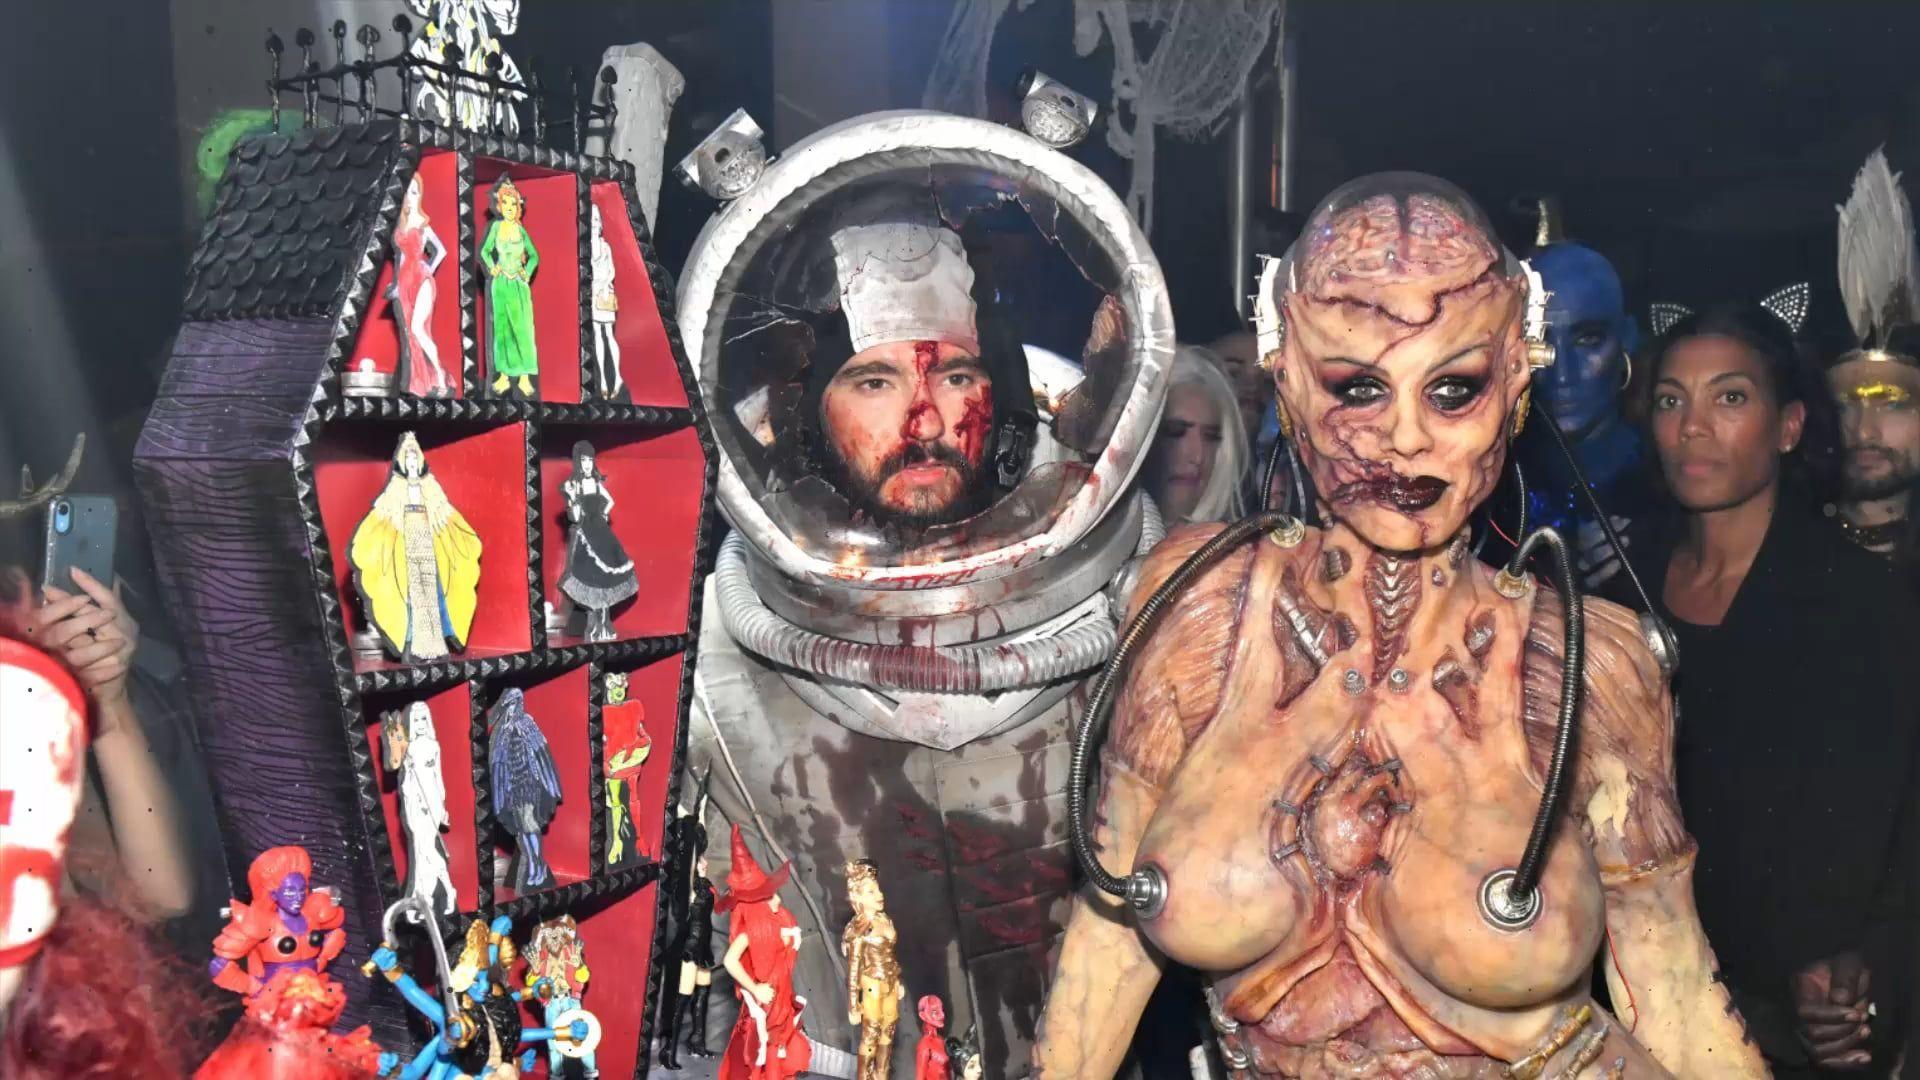 Heidi Klum Halloween 2019: Ekliger Alien, der Tom entführt hat